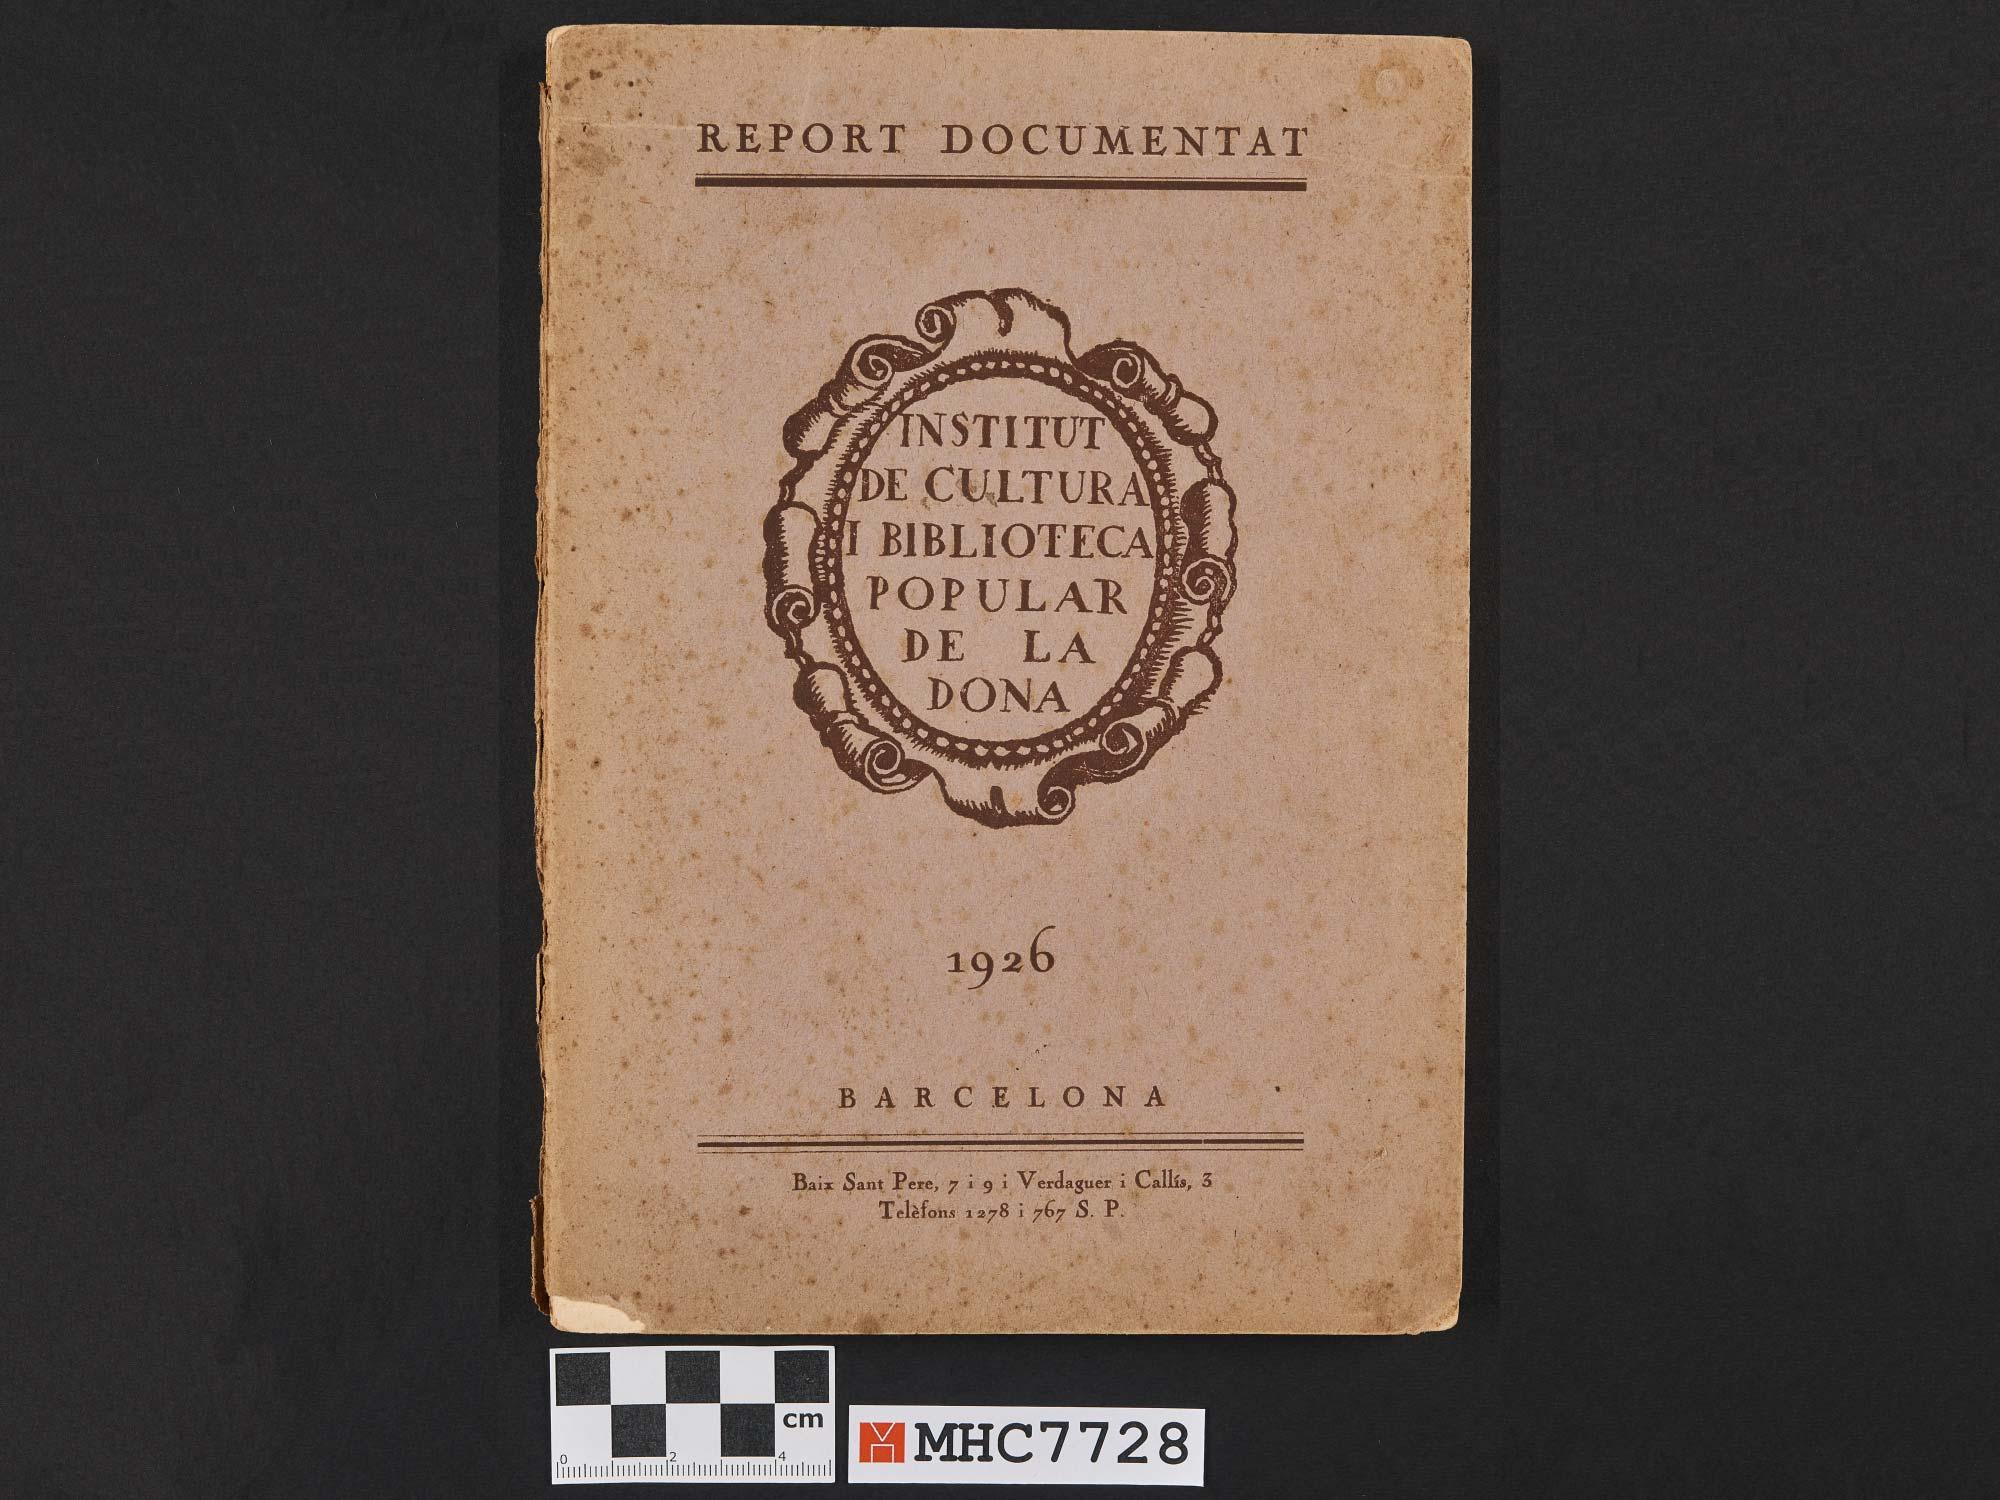 Report documentat de 1926 de l'Institut de Cultura i Biblioteca Popular de la Dona